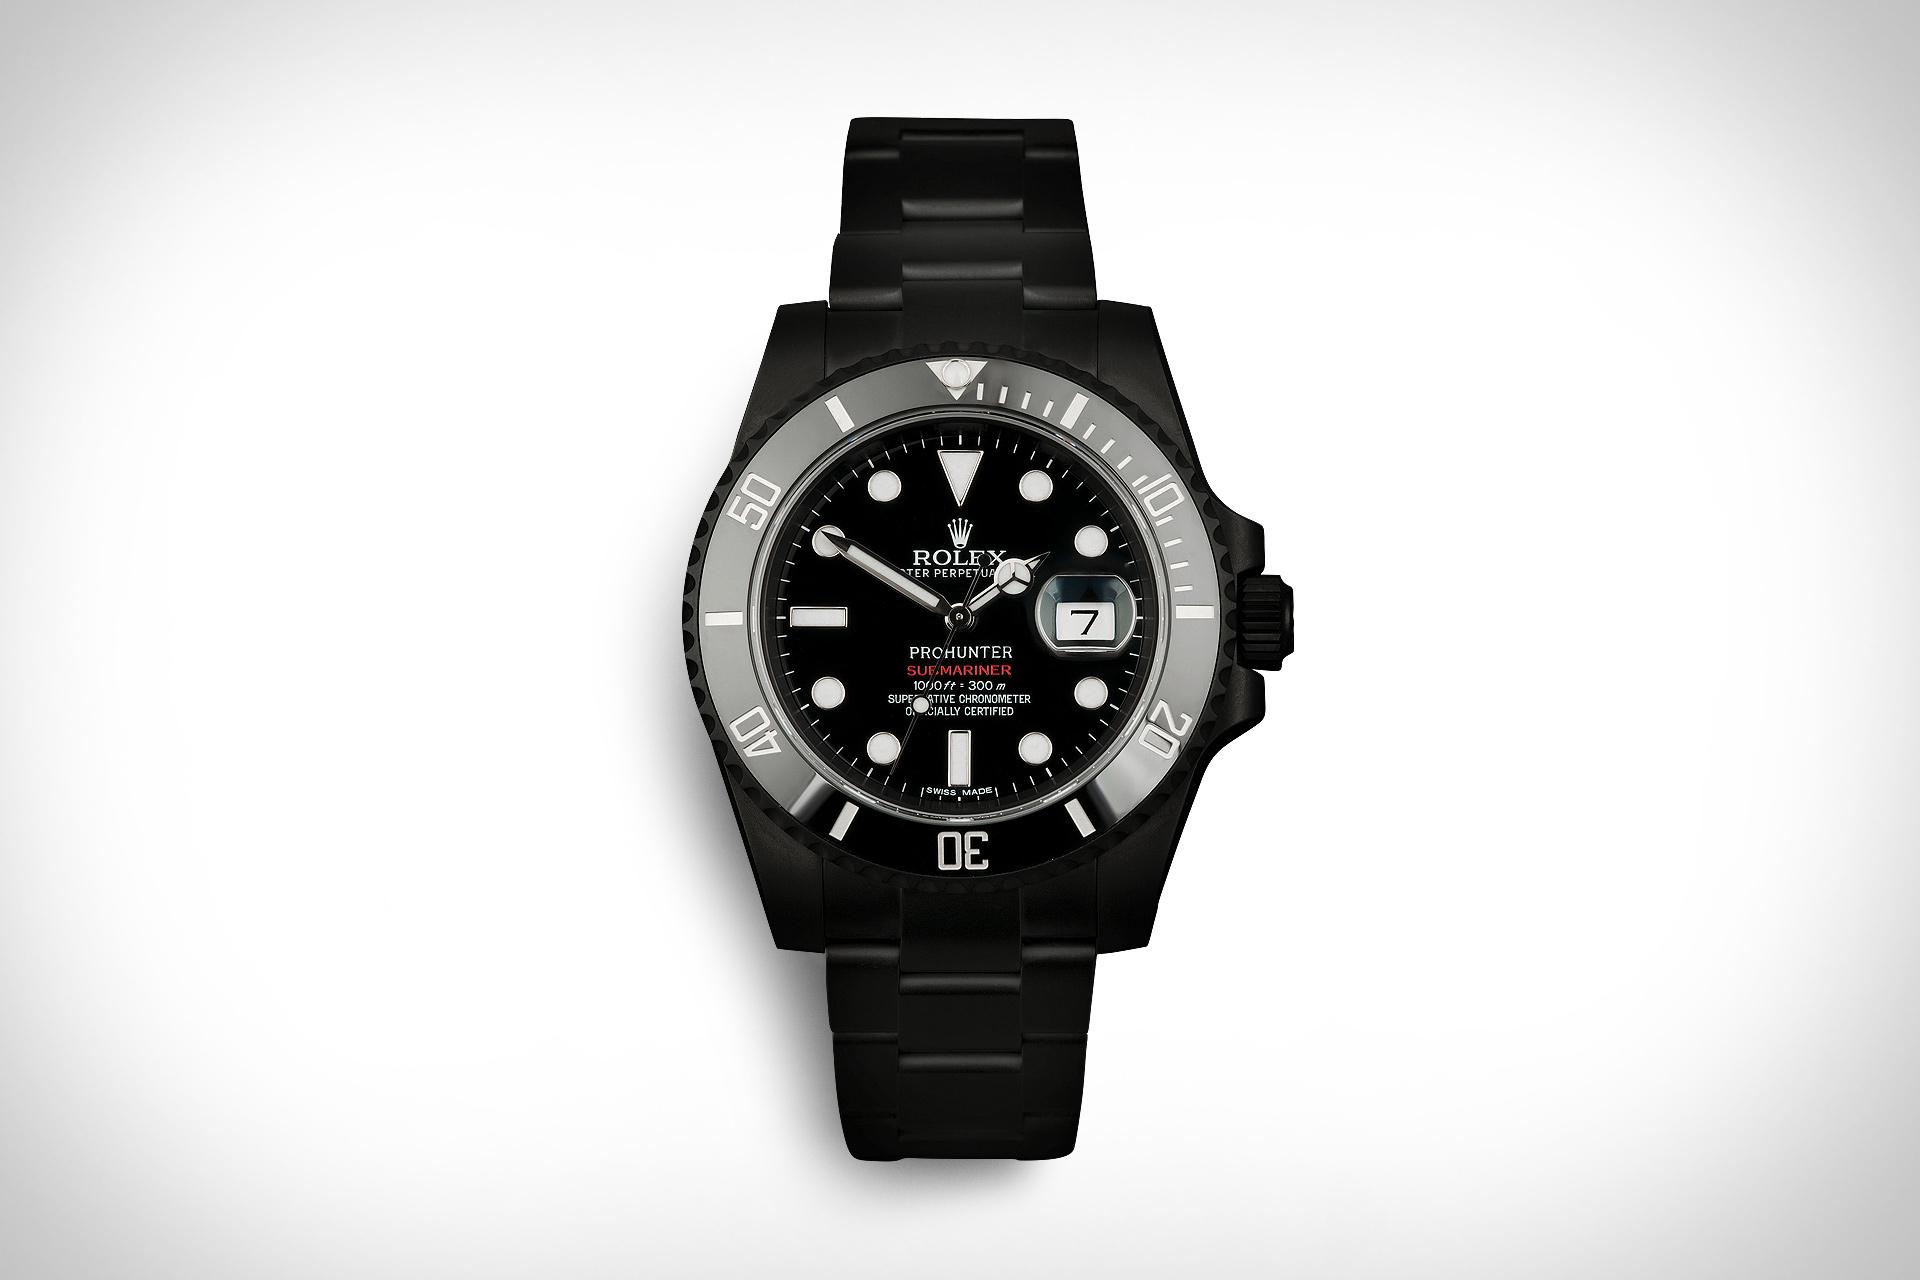 Pro Hunter Rolex Submariner Date Stealth Watch